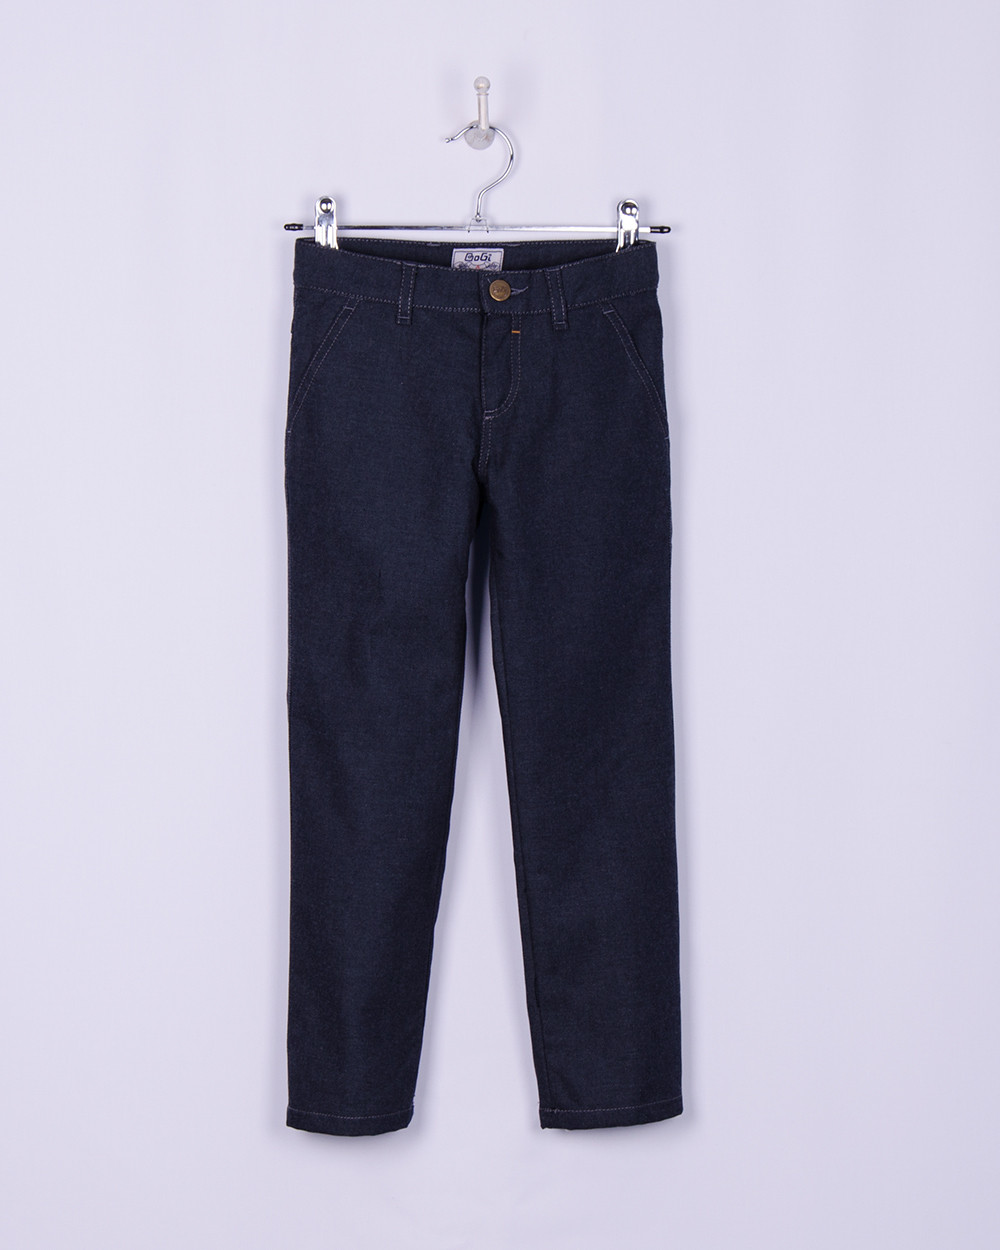 Брюки, джинсы из плотного коттона на фланелевой подкладке для мальчика, темно-серые,  BOGI (Боджи)